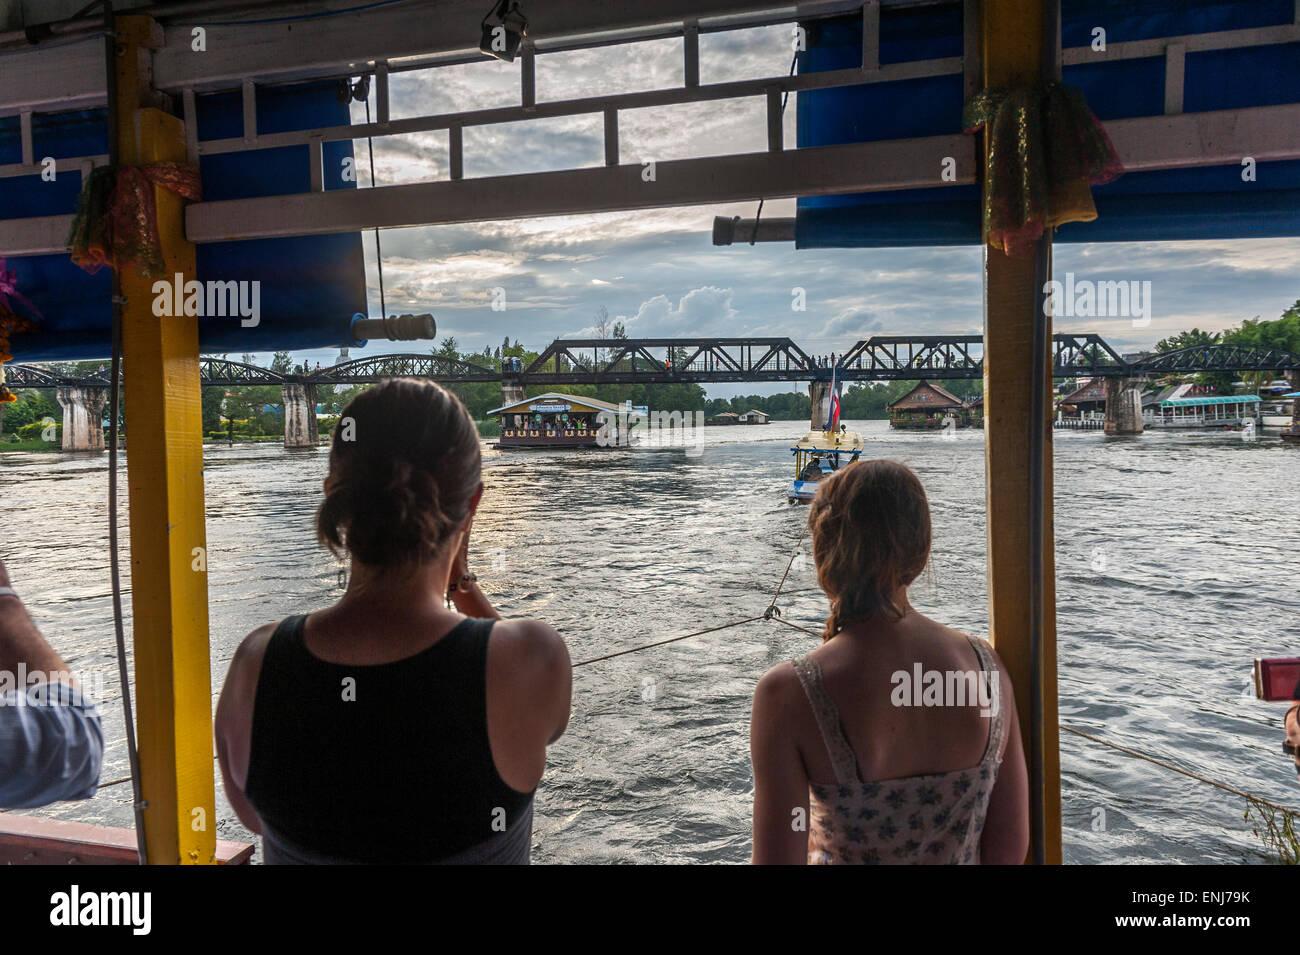 Los turistas en un barco flotando hacia el puente sobre el río Kwai. Kanchanaburi. Tailandia Foto de stock